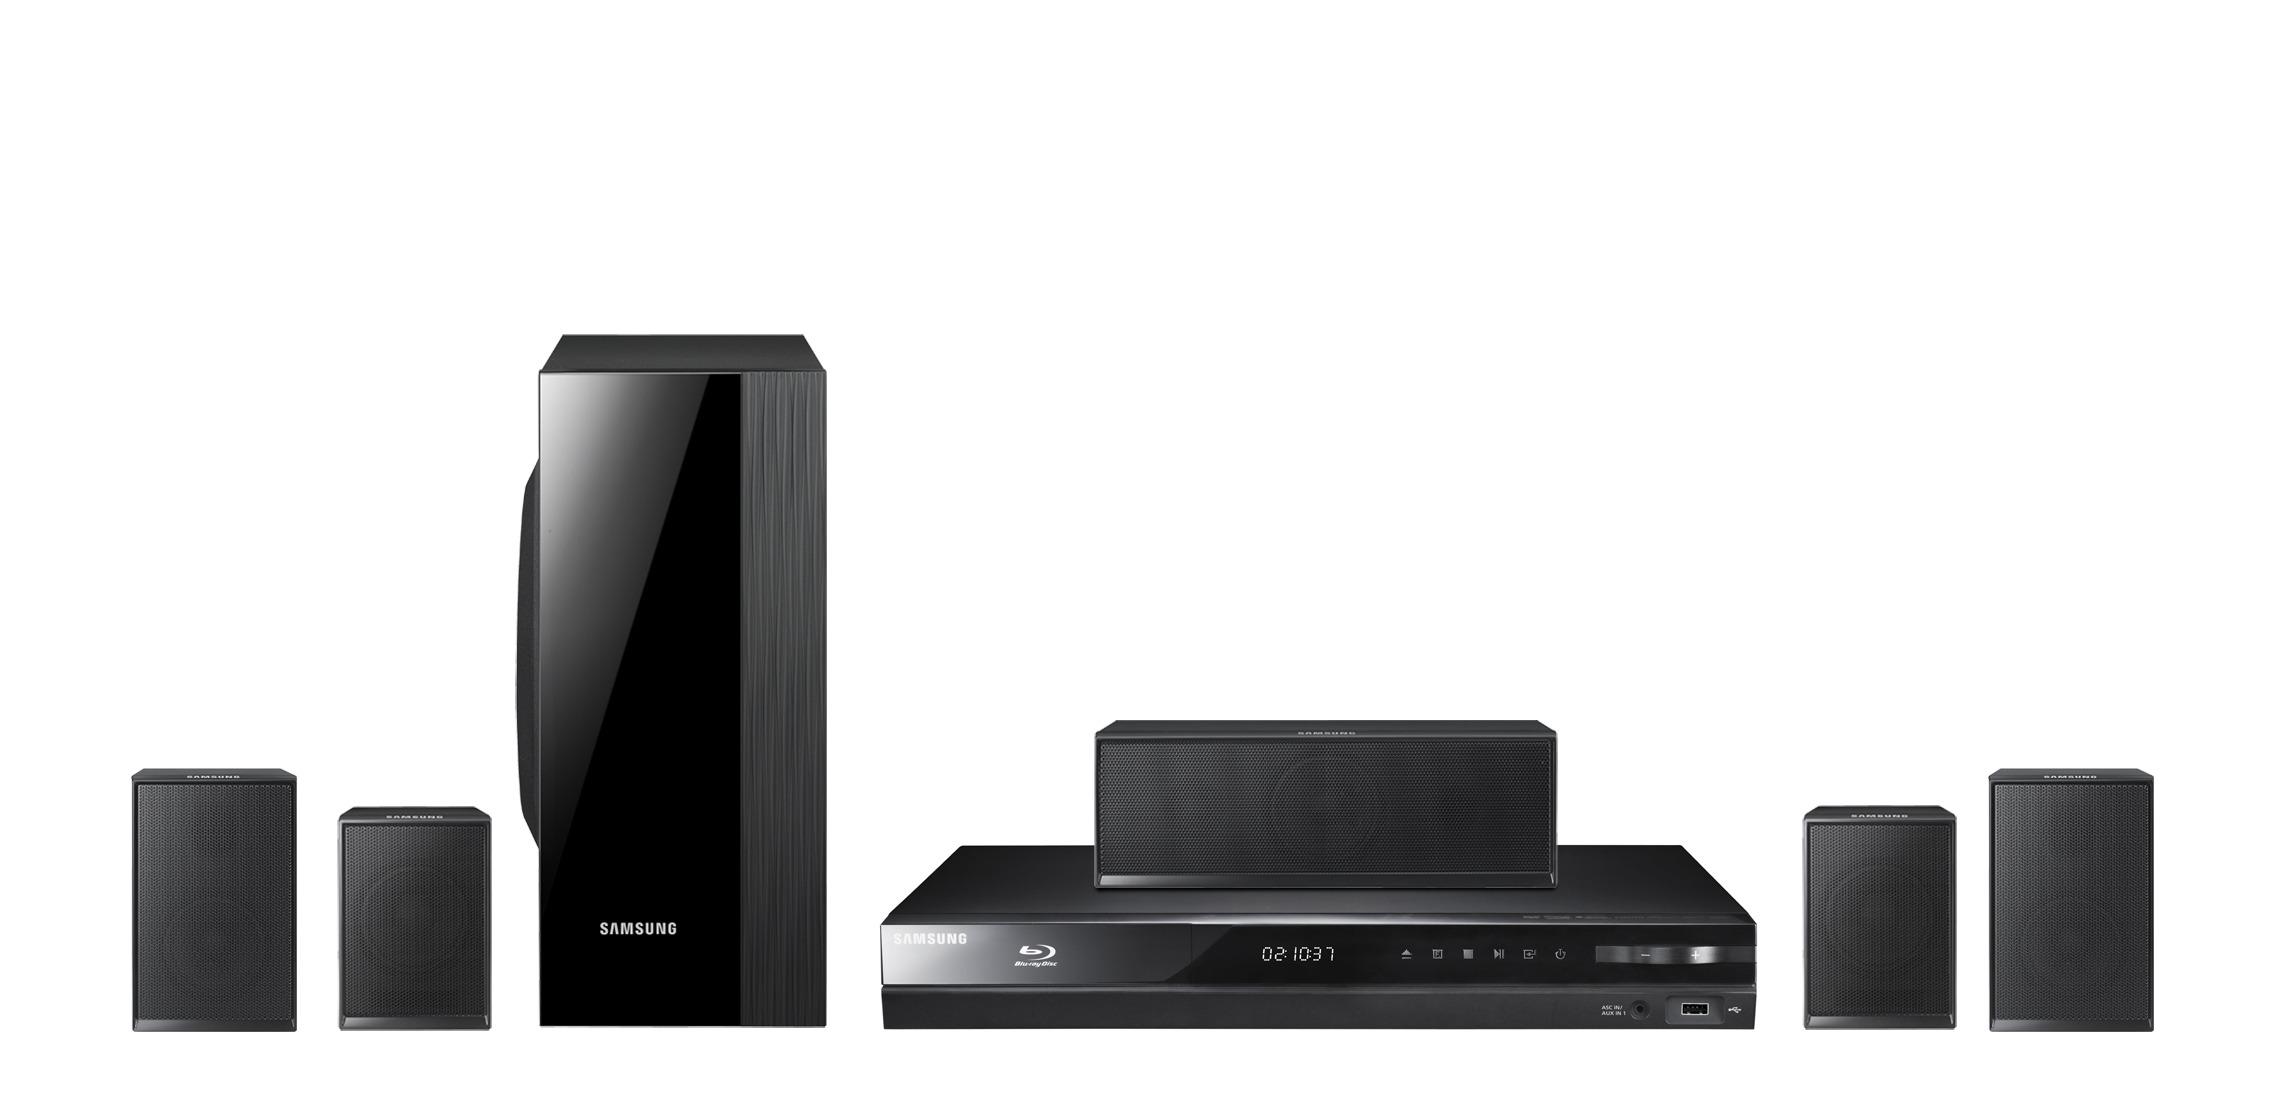 Samsung HT-D4500, cine en casa compatible con todo